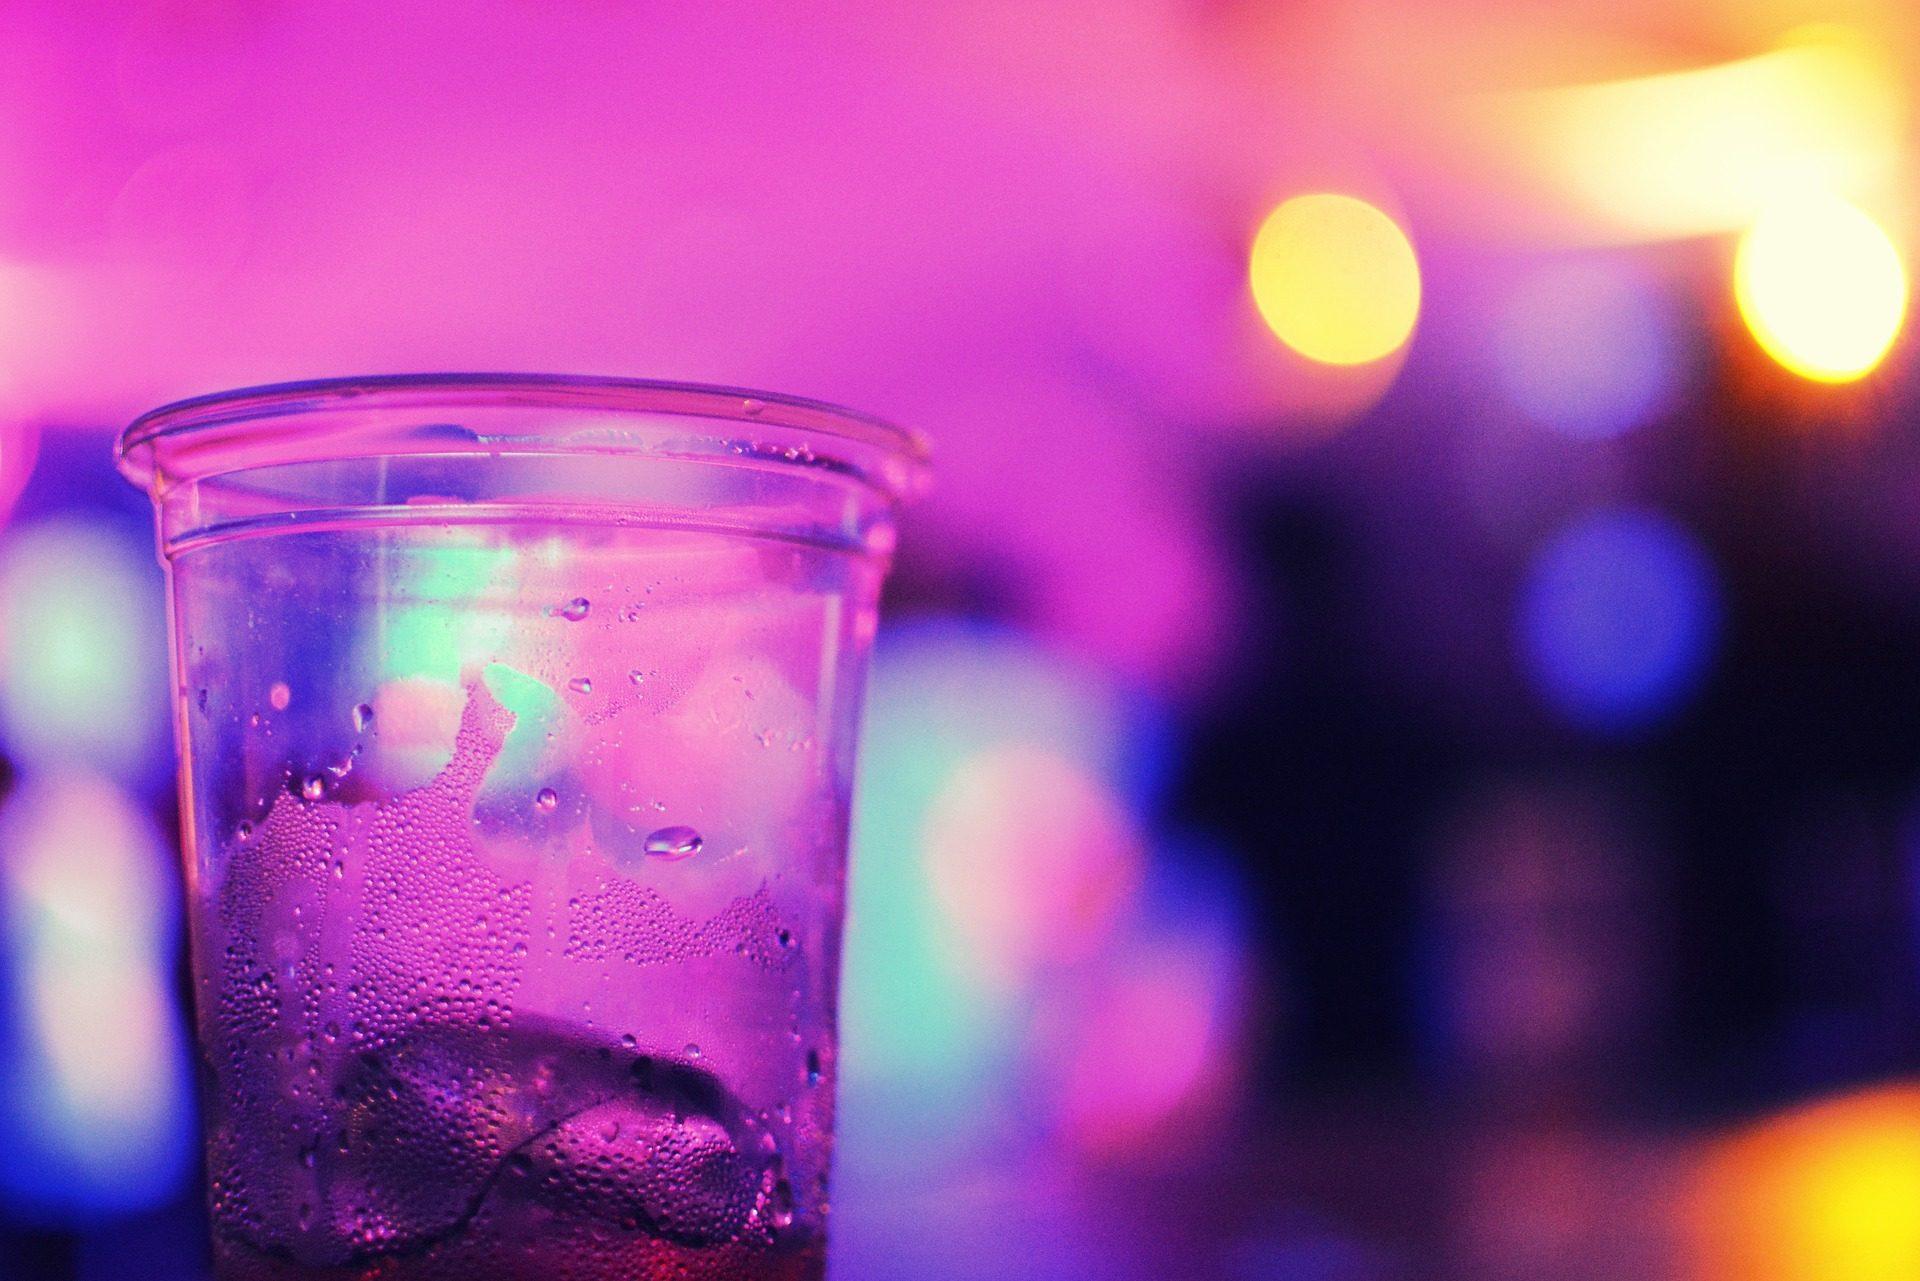 cocktail, vetro, luci, notte, divertimento, partito - Sfondi HD - Professor-falken.com